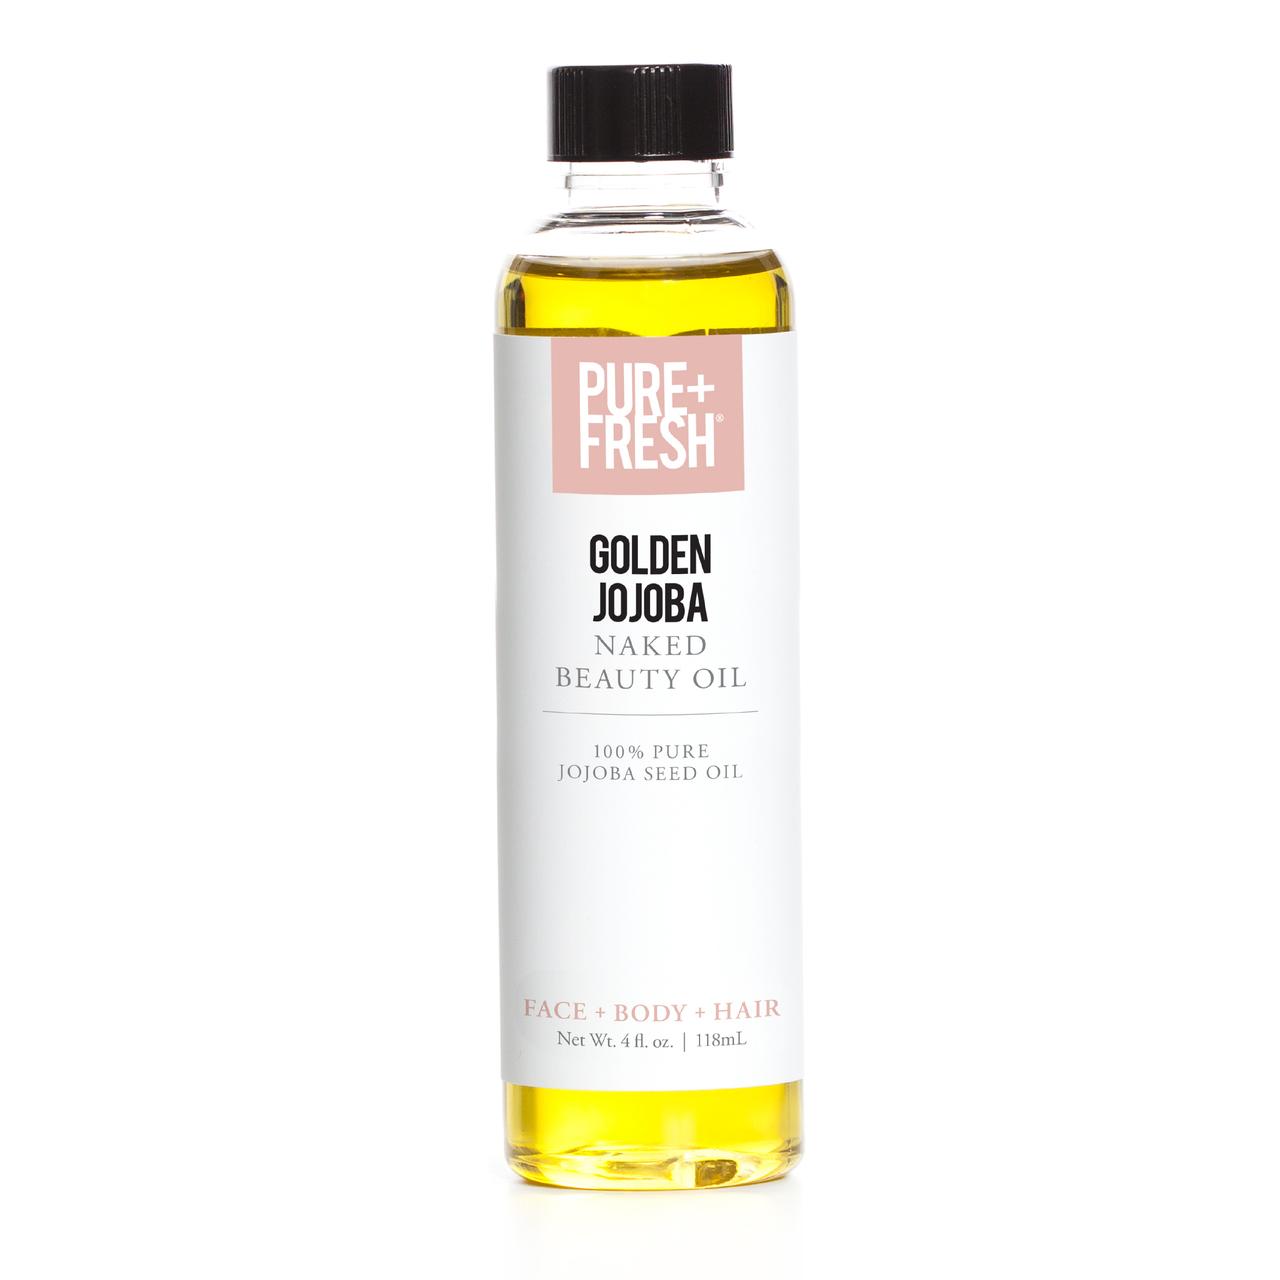 Pure+Fresh Naked Oil - Golden Jojoba